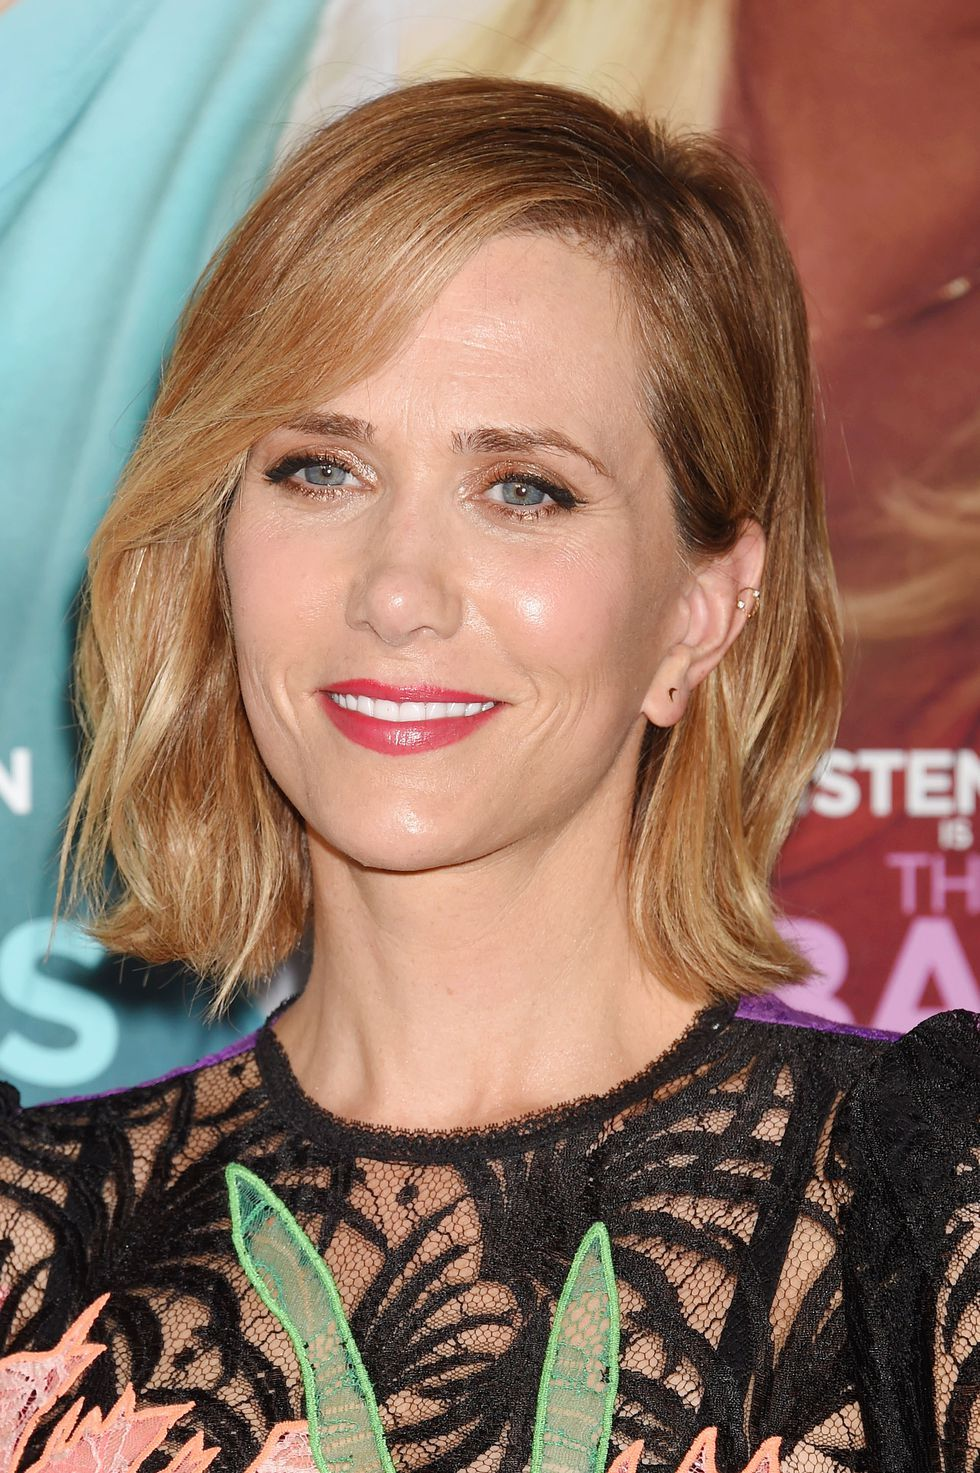 Mỹ nhân Hollywood gợi ý 10 kiểu tóc xoăn đẹp cho từng dáng mặt - Ảnh 8